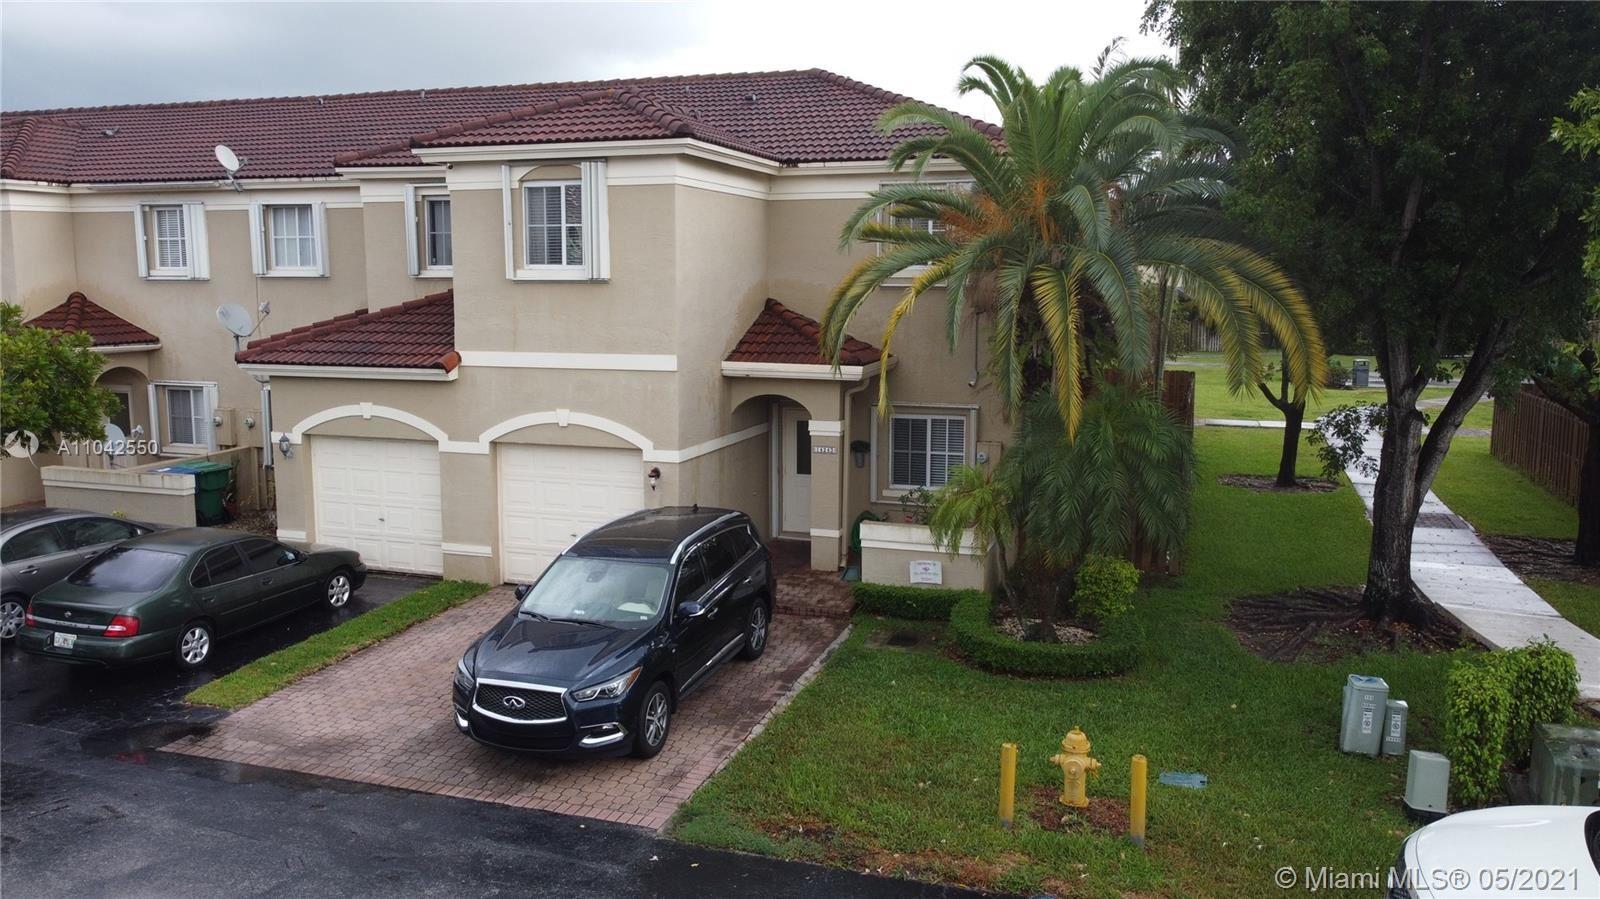 14243 SW 126th Pl, Miami, FL 33186 - #: A11042550